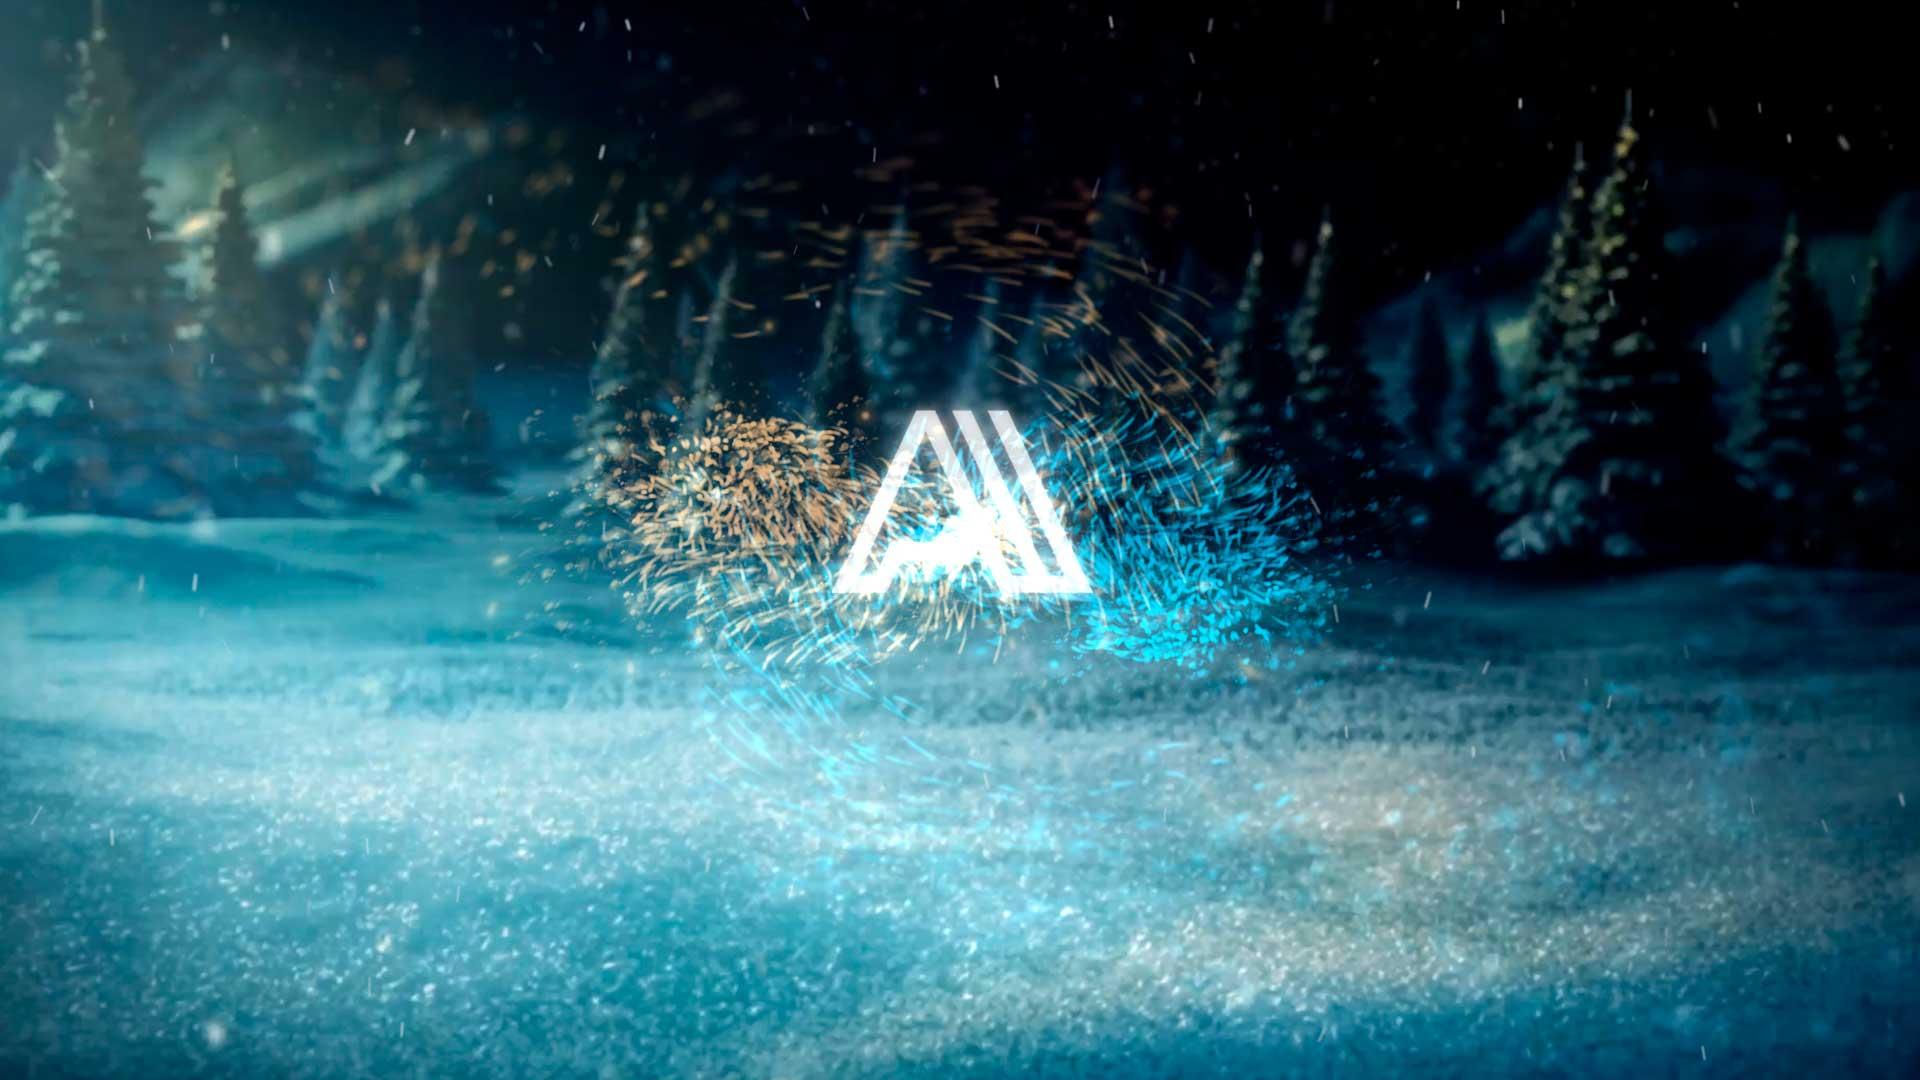 Felicitación-de-Navidad-Montaña-nevada-AL041-Animacion-logotipo